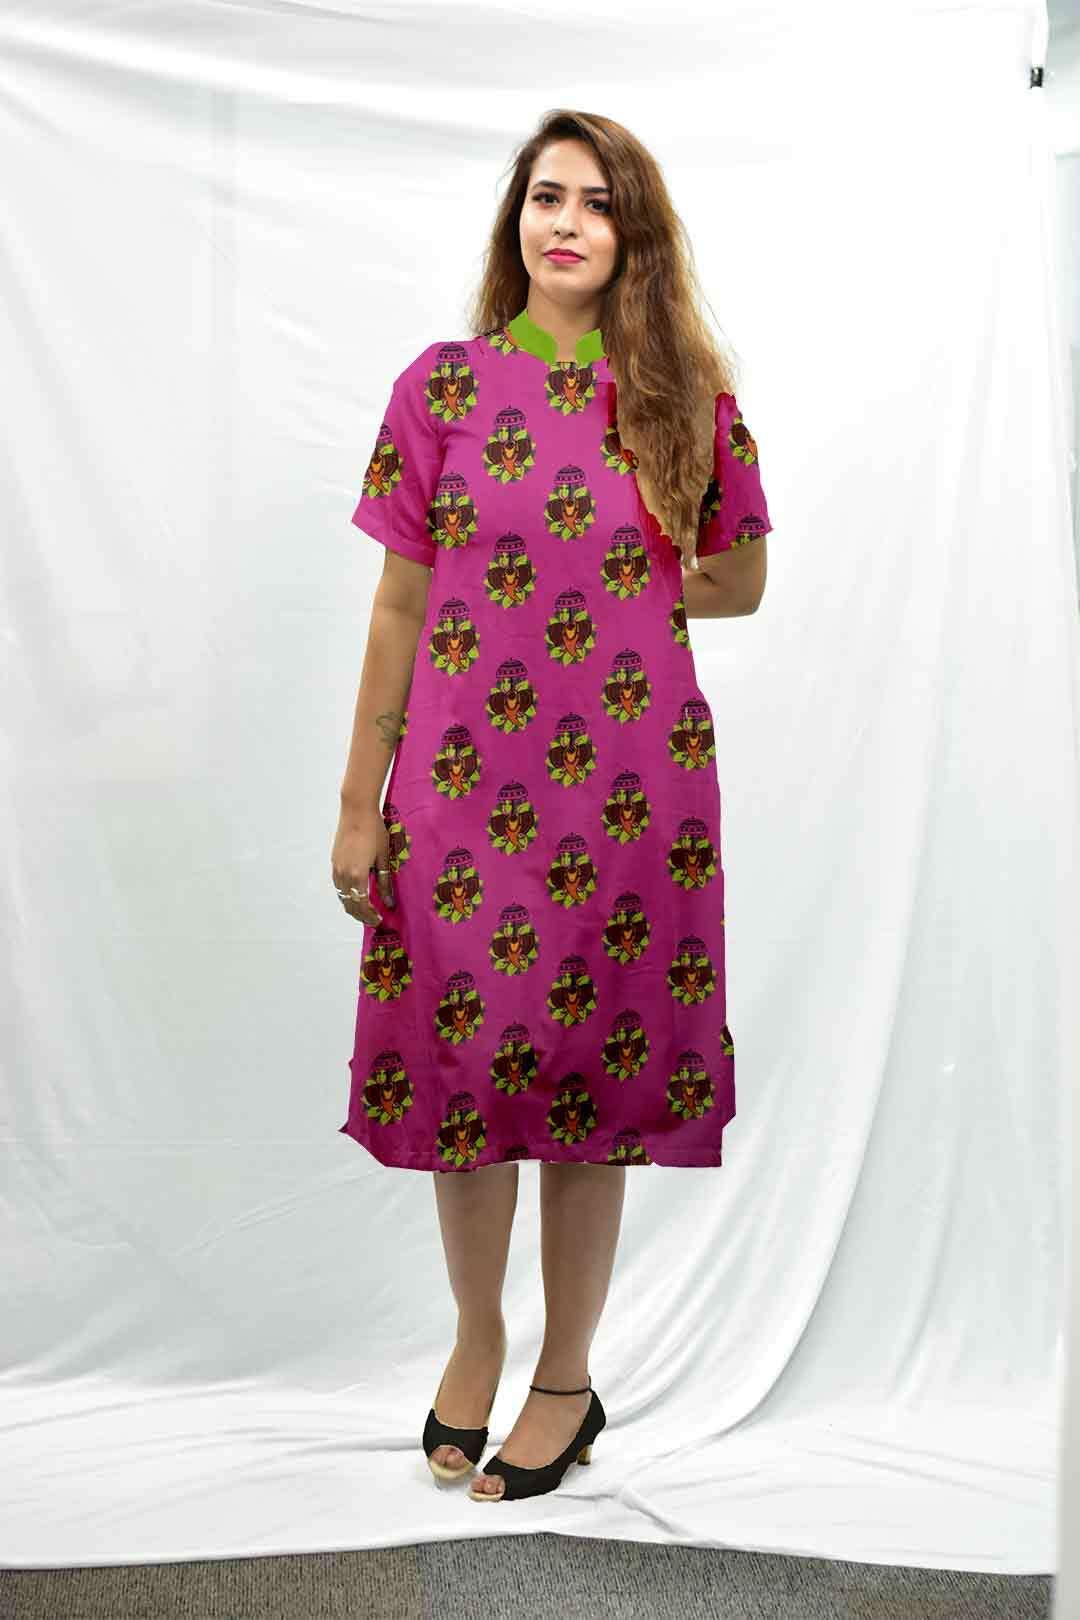 Cotton Shirt Style kurta – Jumbo Rani